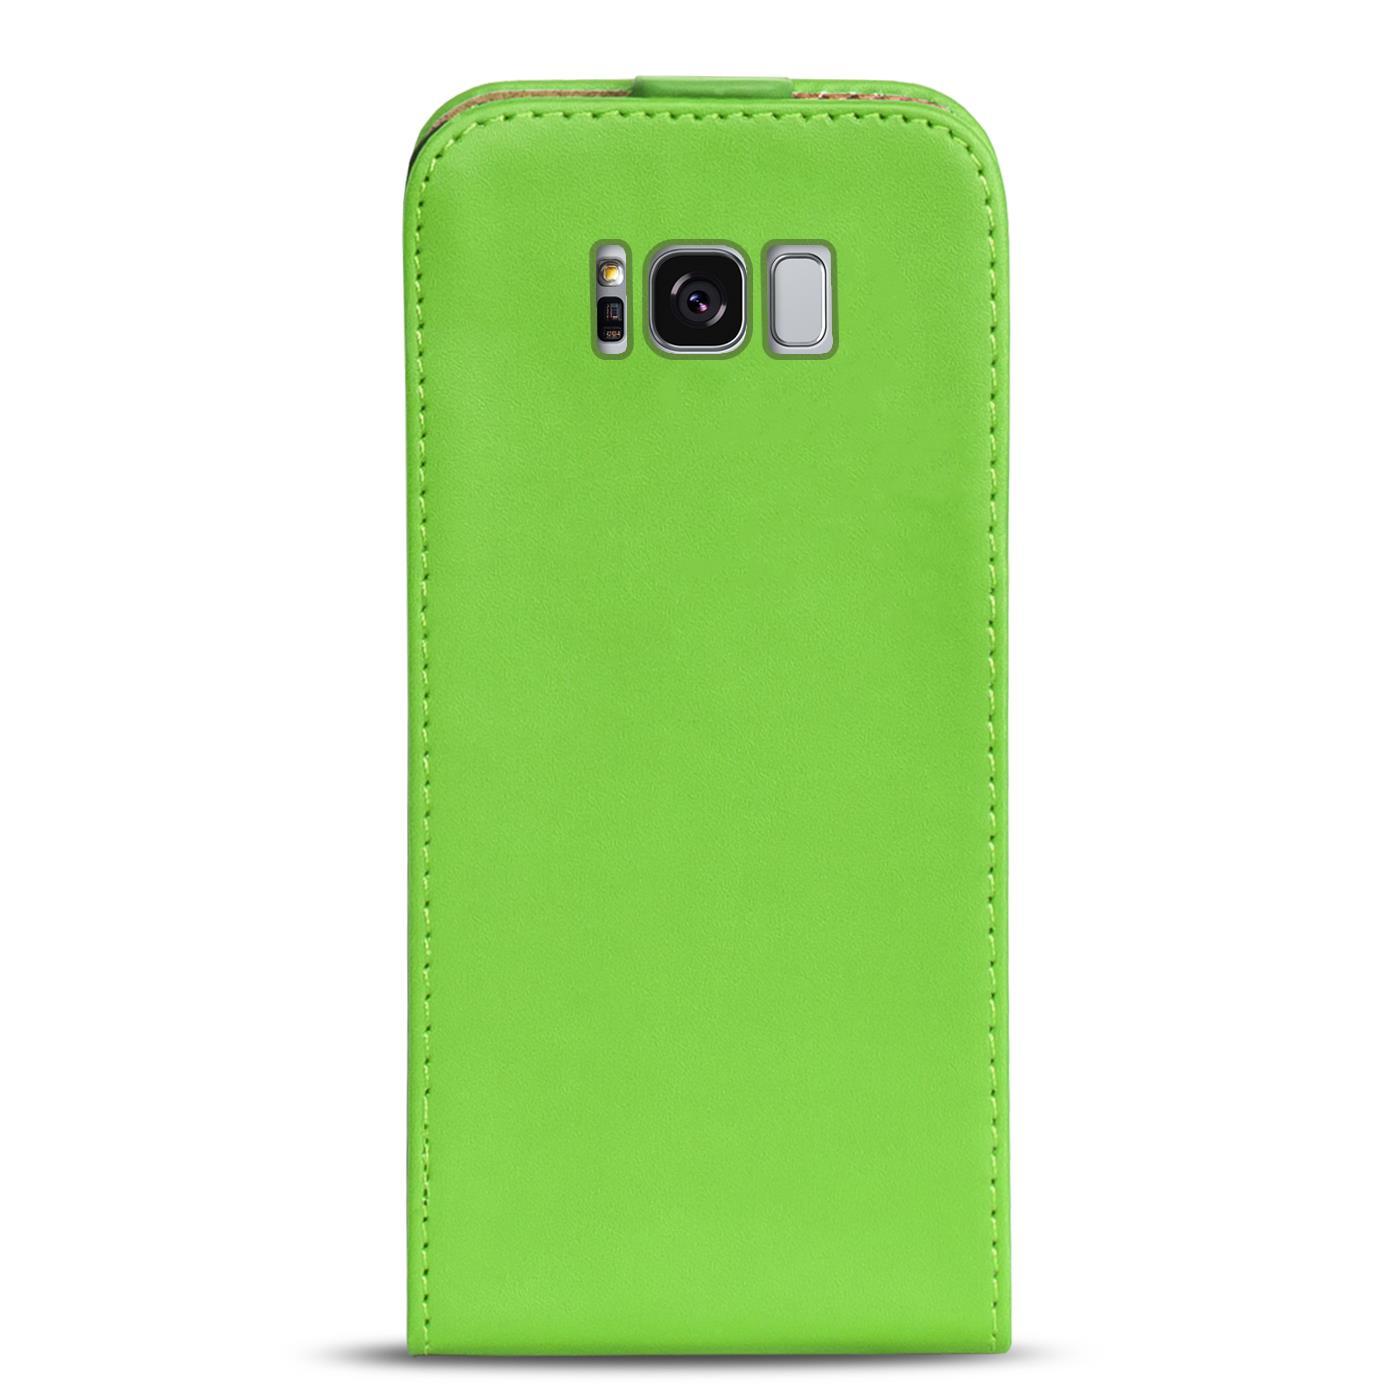 Klapphuelle-Samsung-Galaxy-Flip-Case-Tasche-Schutzhuelle-Cover-Schutz-Handy-Huelle Indexbild 17